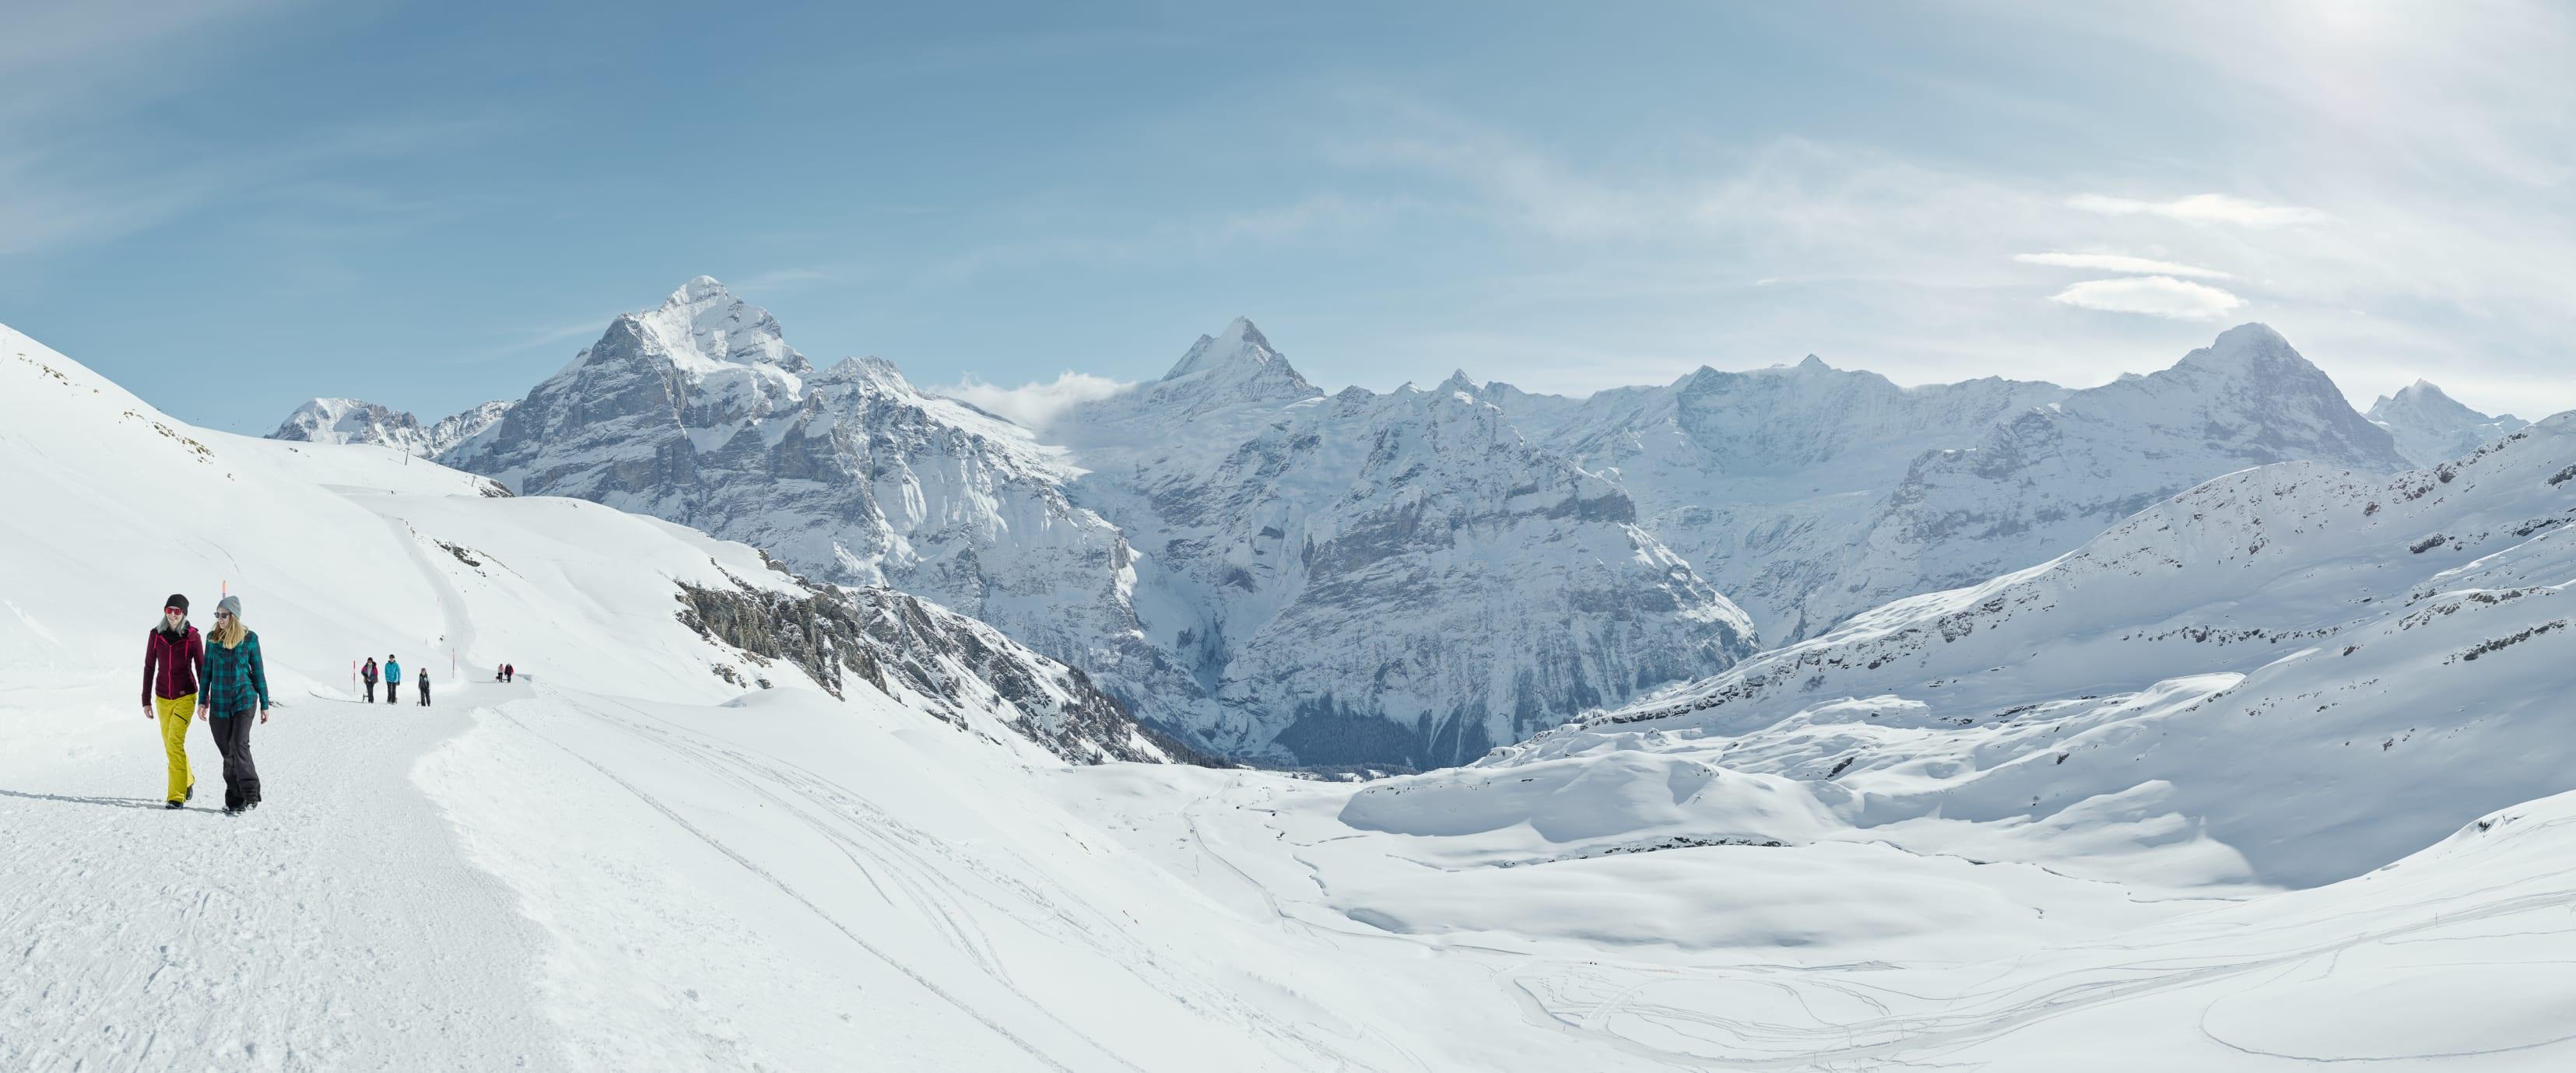 Bachalpsee, Erlebnisse-Aktivitaeten, Jungfrau-Ski-Region, Skigebiet-Grindelwald-First, Winter, Winterwandern